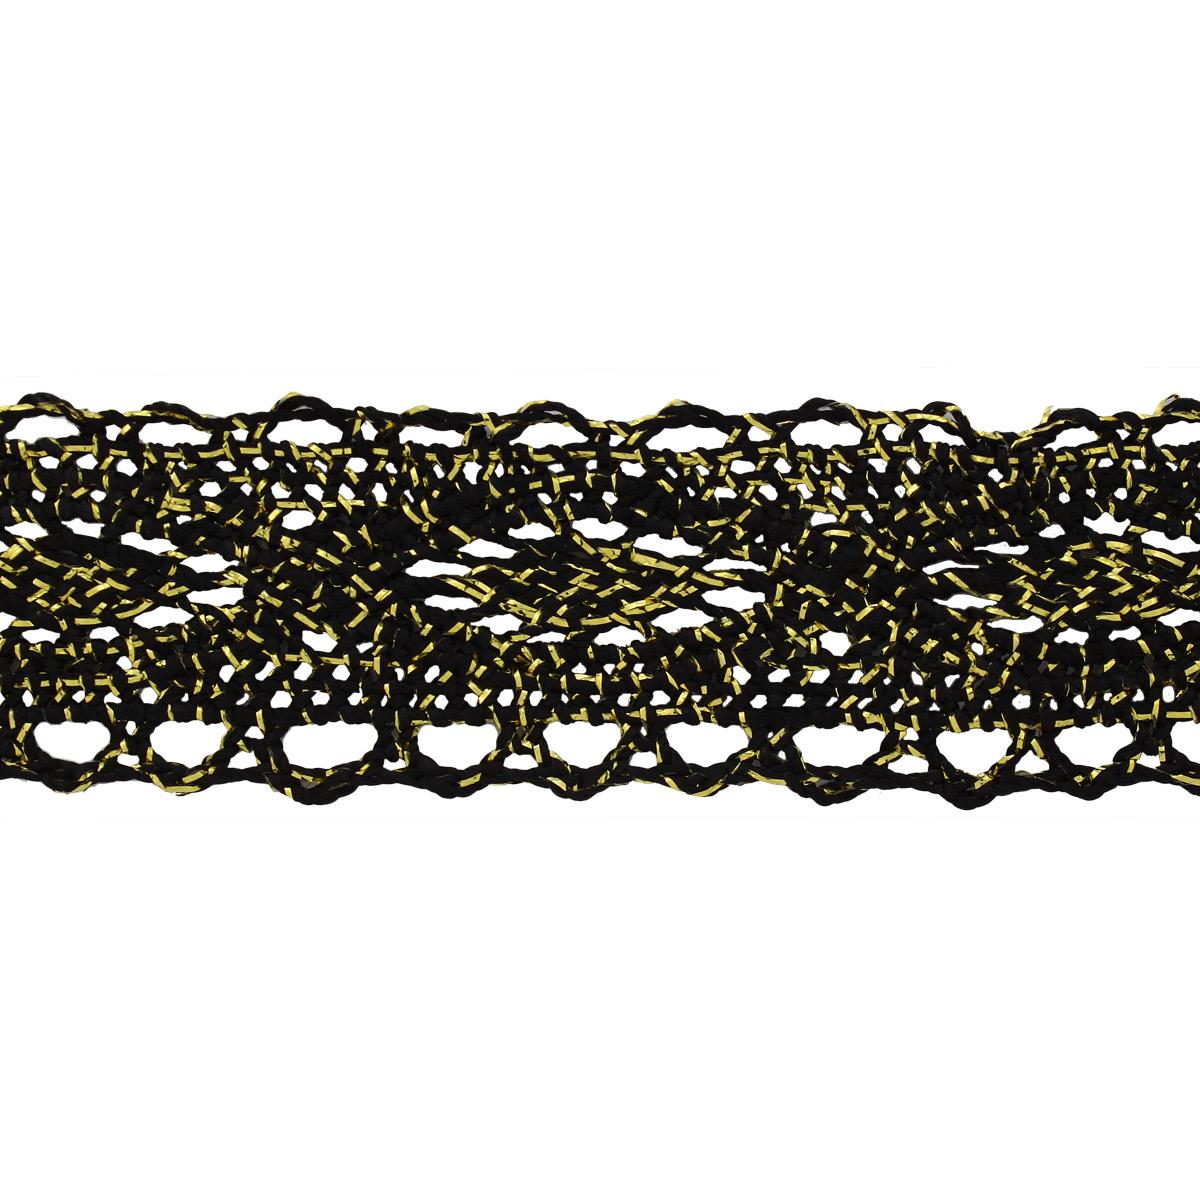 Тесьма CLN1165 *5,48м (распродажаДУ)